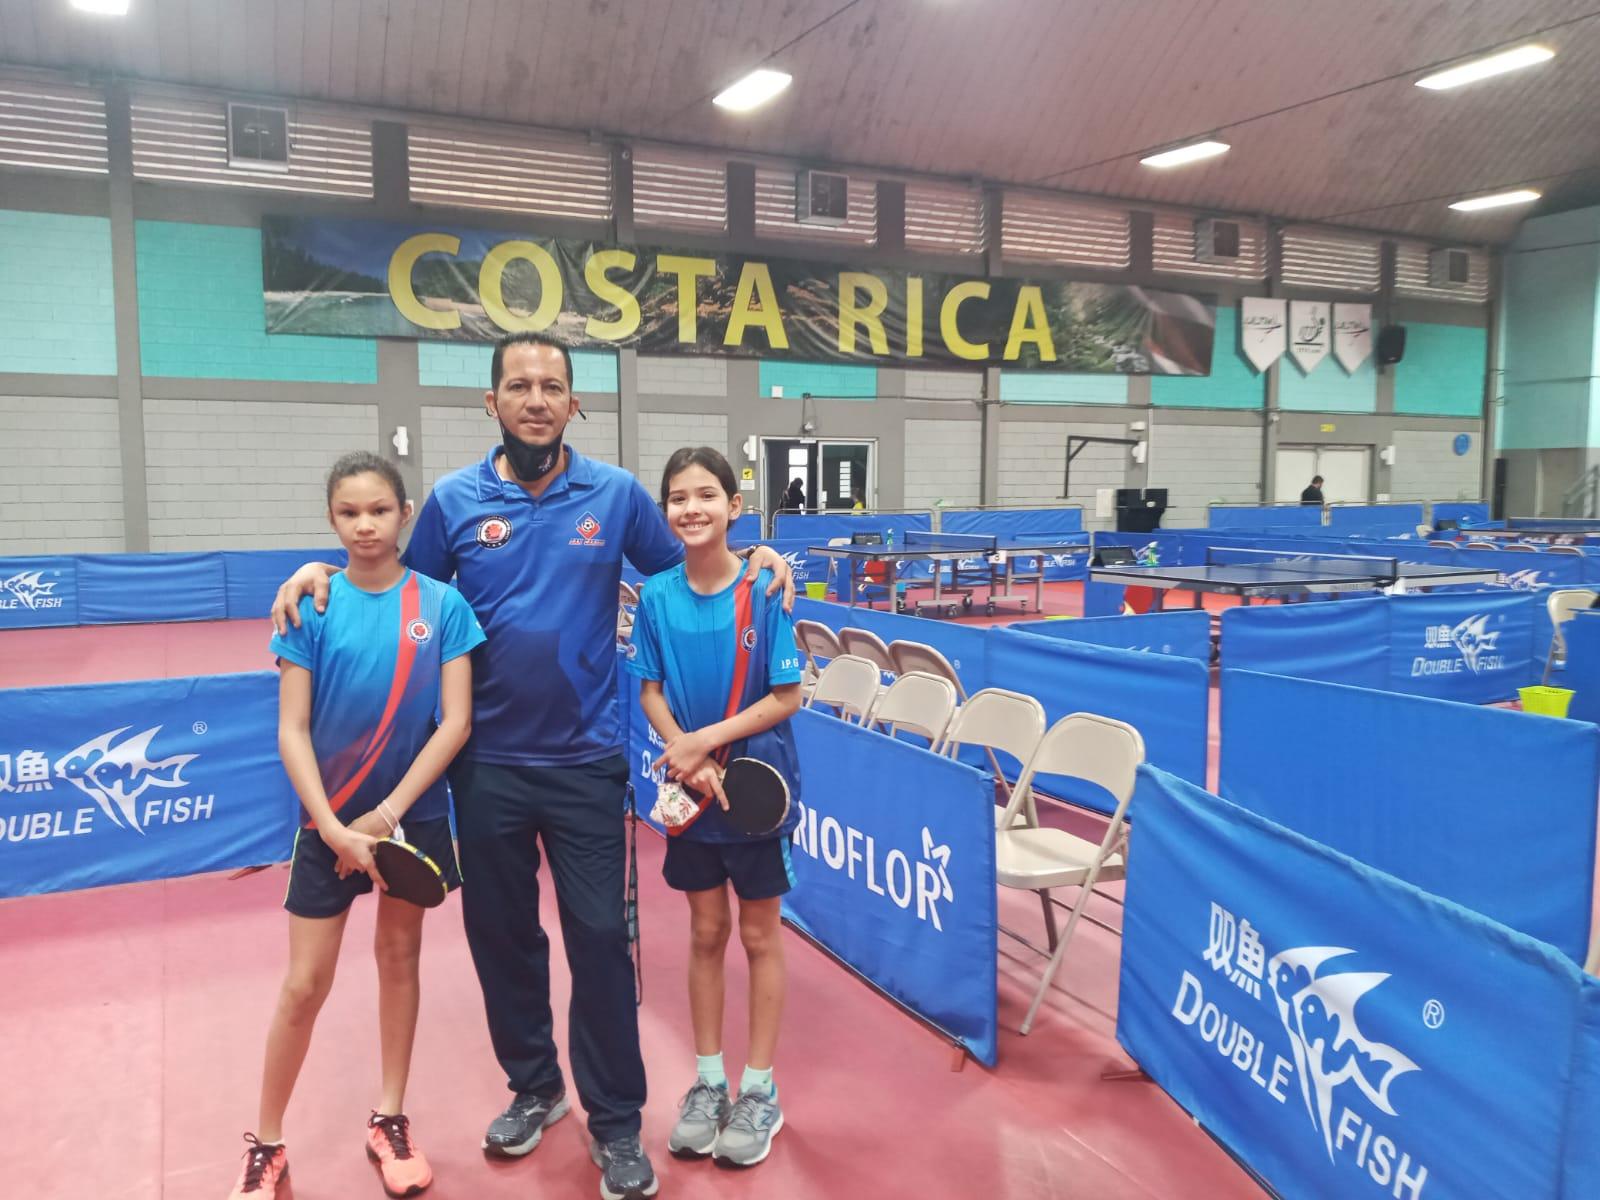 Histórico… San Carlos clasifica 2 jóvenes a Juegos Nacionales en tenis de mesa.